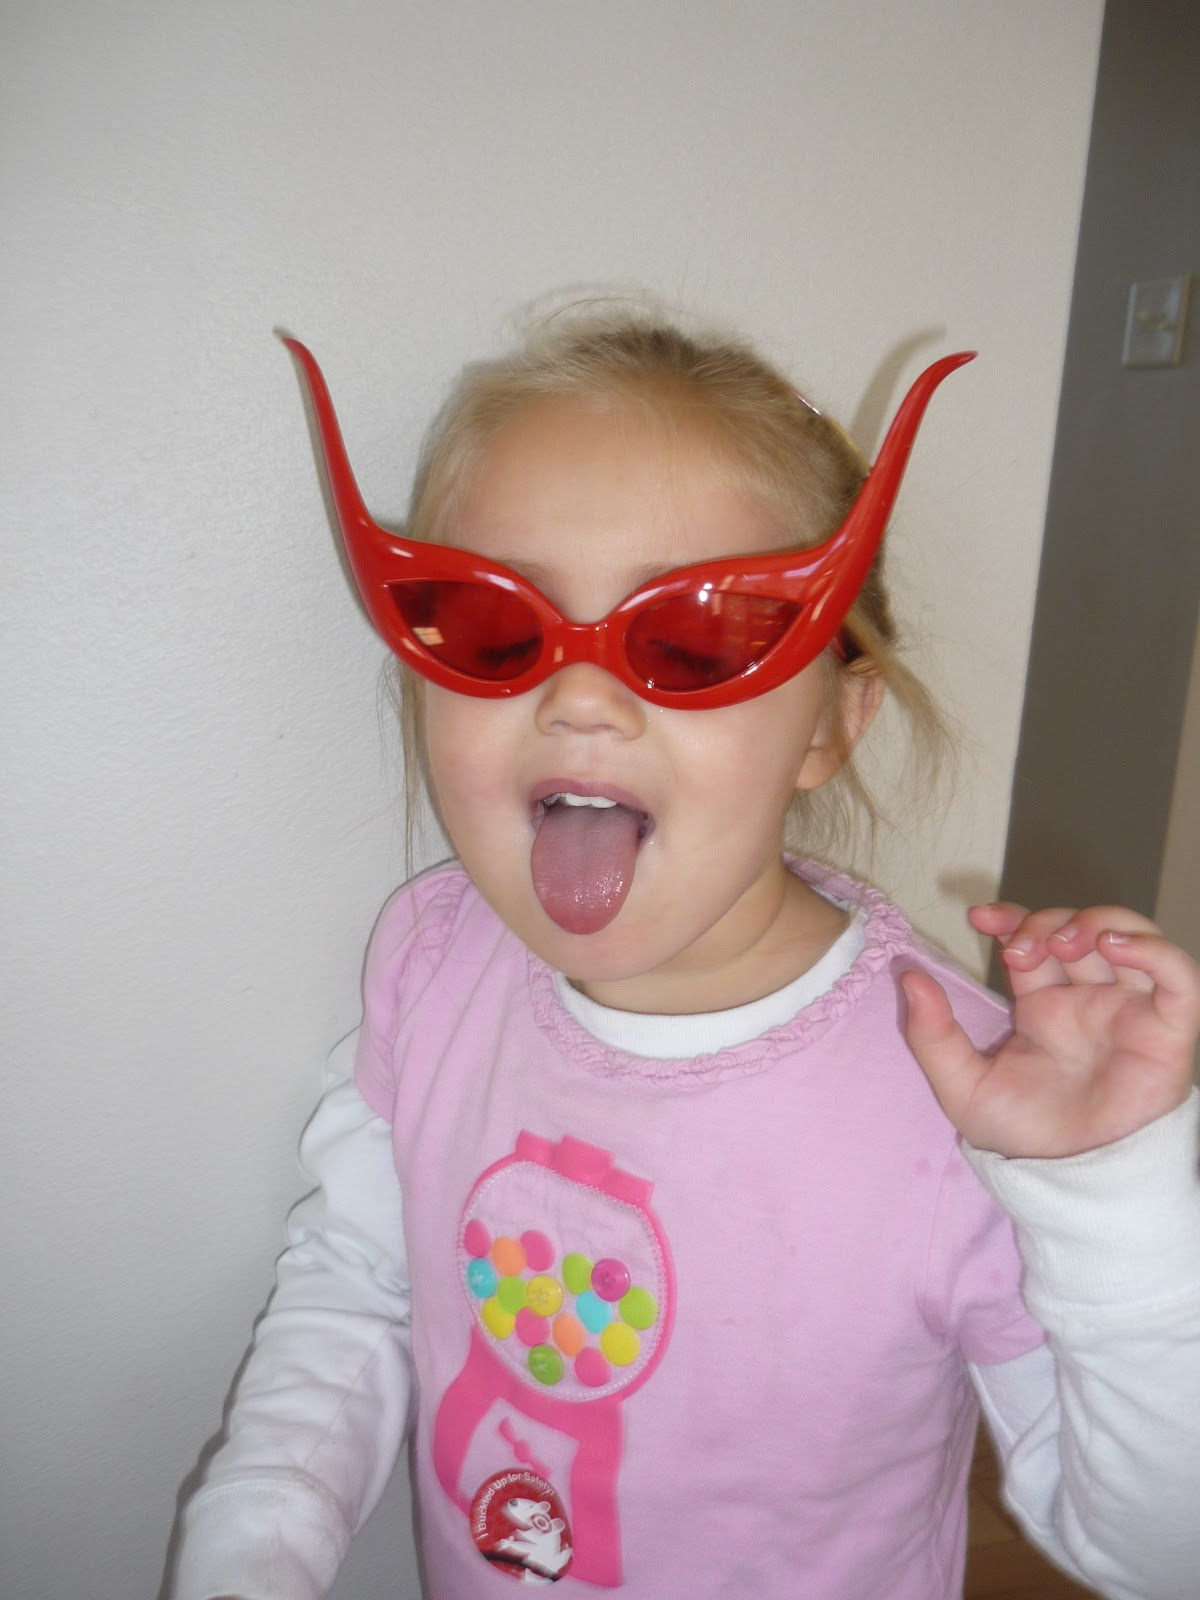 http://3.bp.blogspot.com/_aI9VJOORIsU/TLciOKJjrBI/AAAAAAAAJEw/RjEa5tRoPpE/s1600/Glasses.jpg